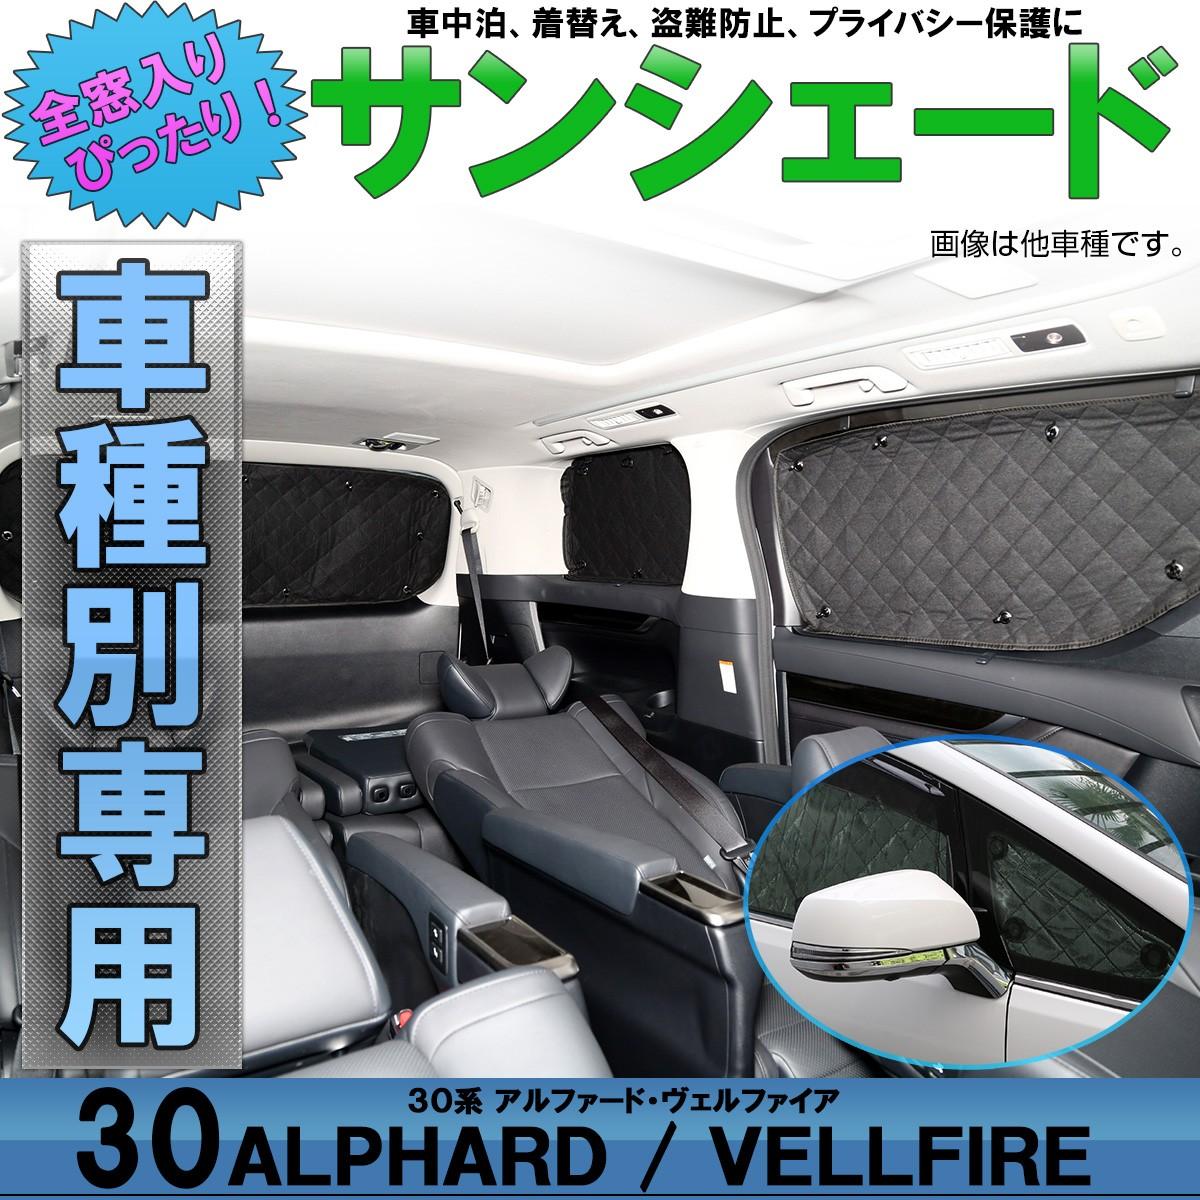 トヨタ 30系 アルファード ヴェルファイア 専用設計 サンシェード全窓用セット 5層構造 ブラックメッシュ 車中泊 プライバシー保護に S-632